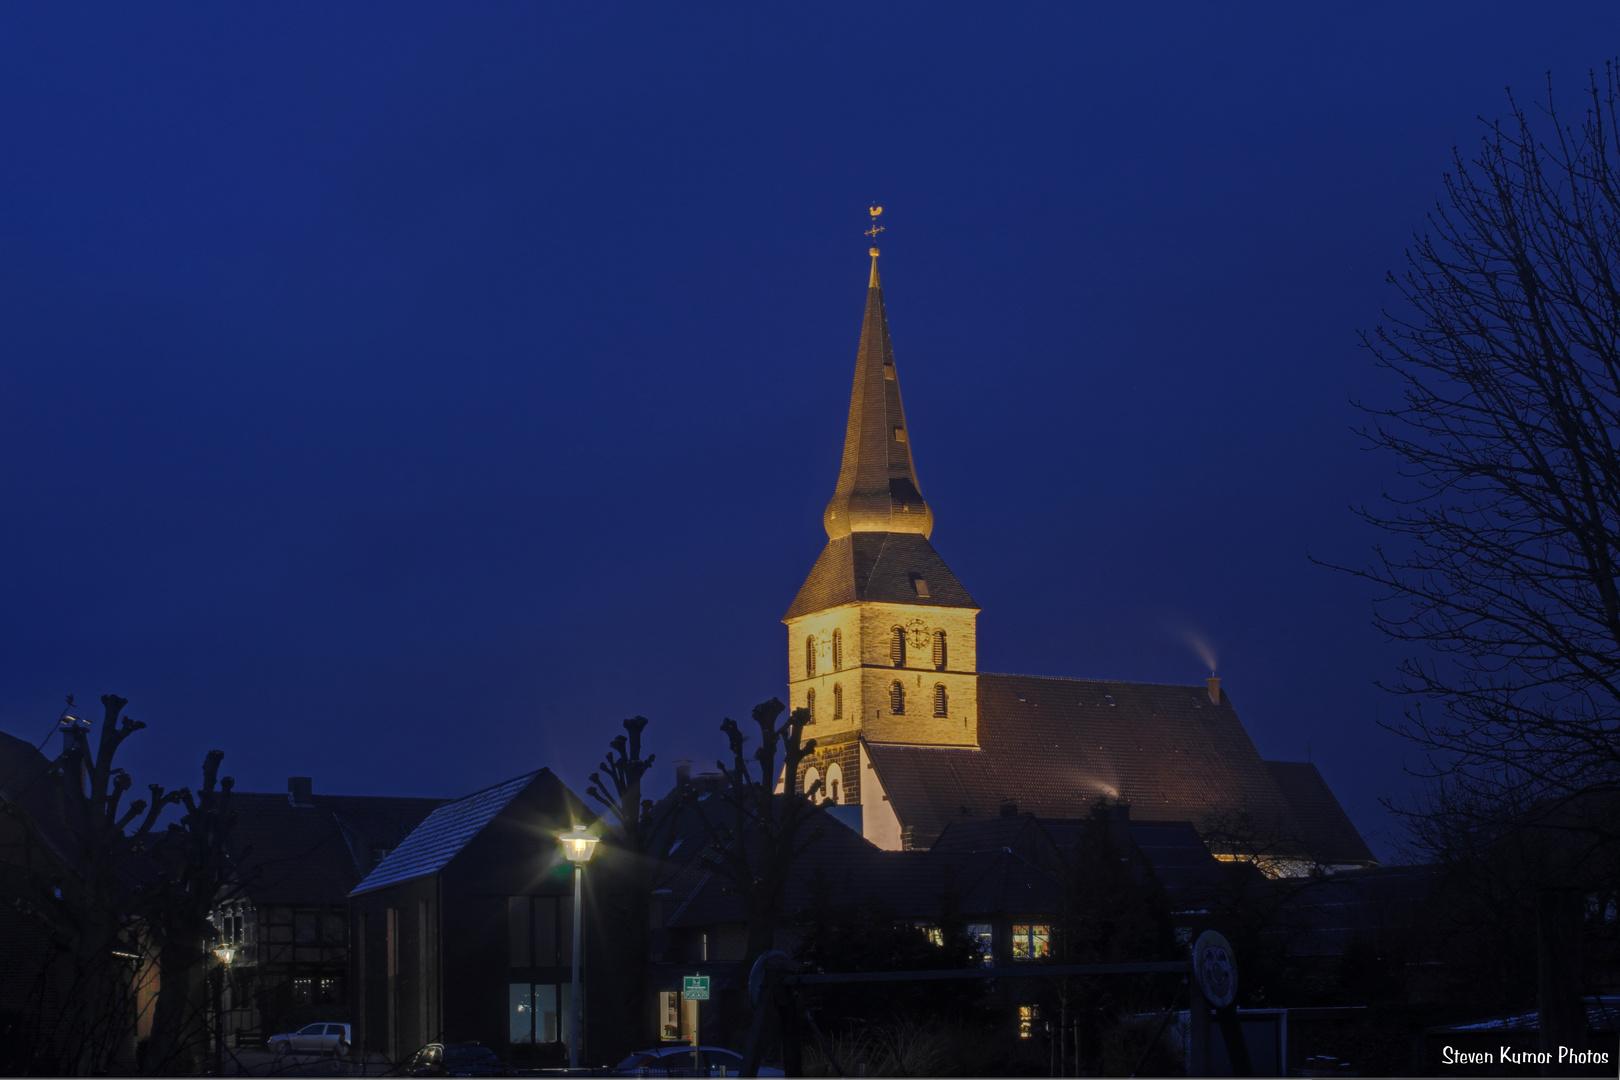 St. Benedikt Kirche, Werne-Herbern